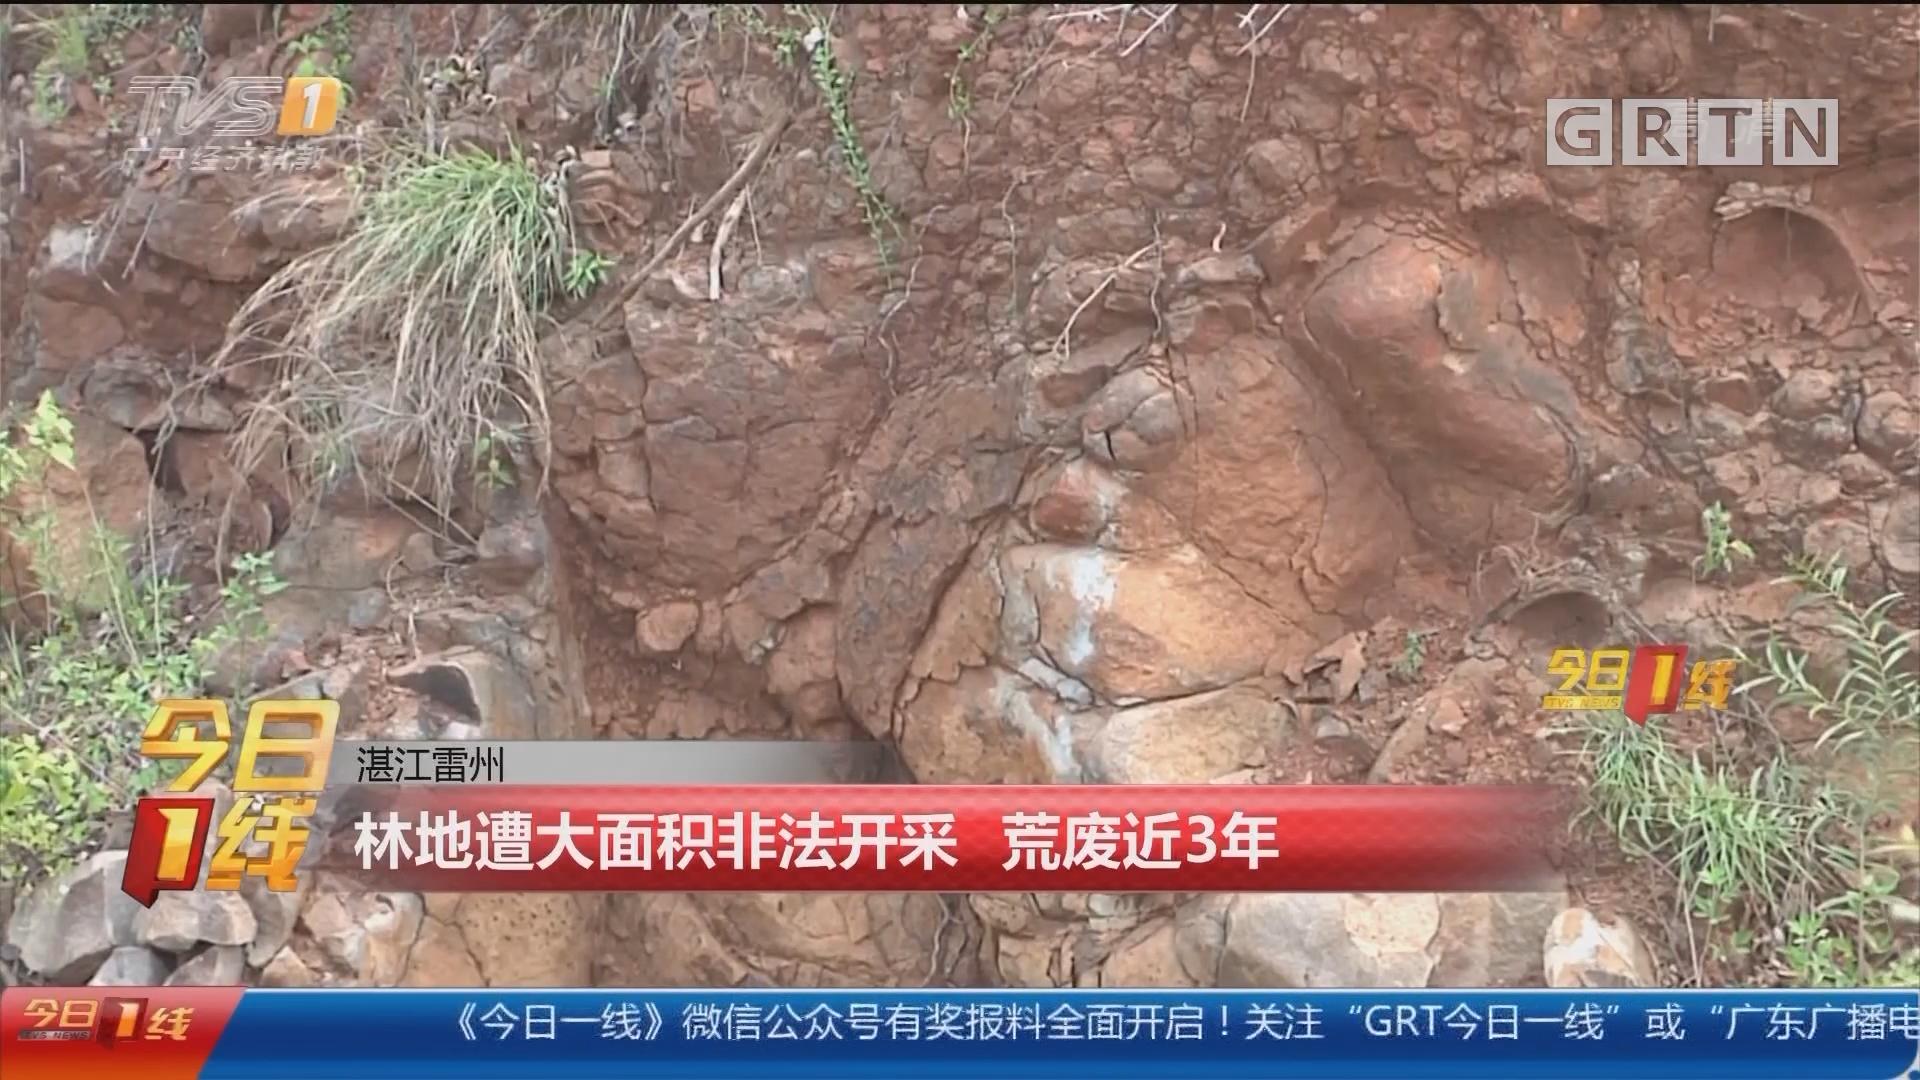 湛江雷州:林地遭大面积非法开采 荒废近3年